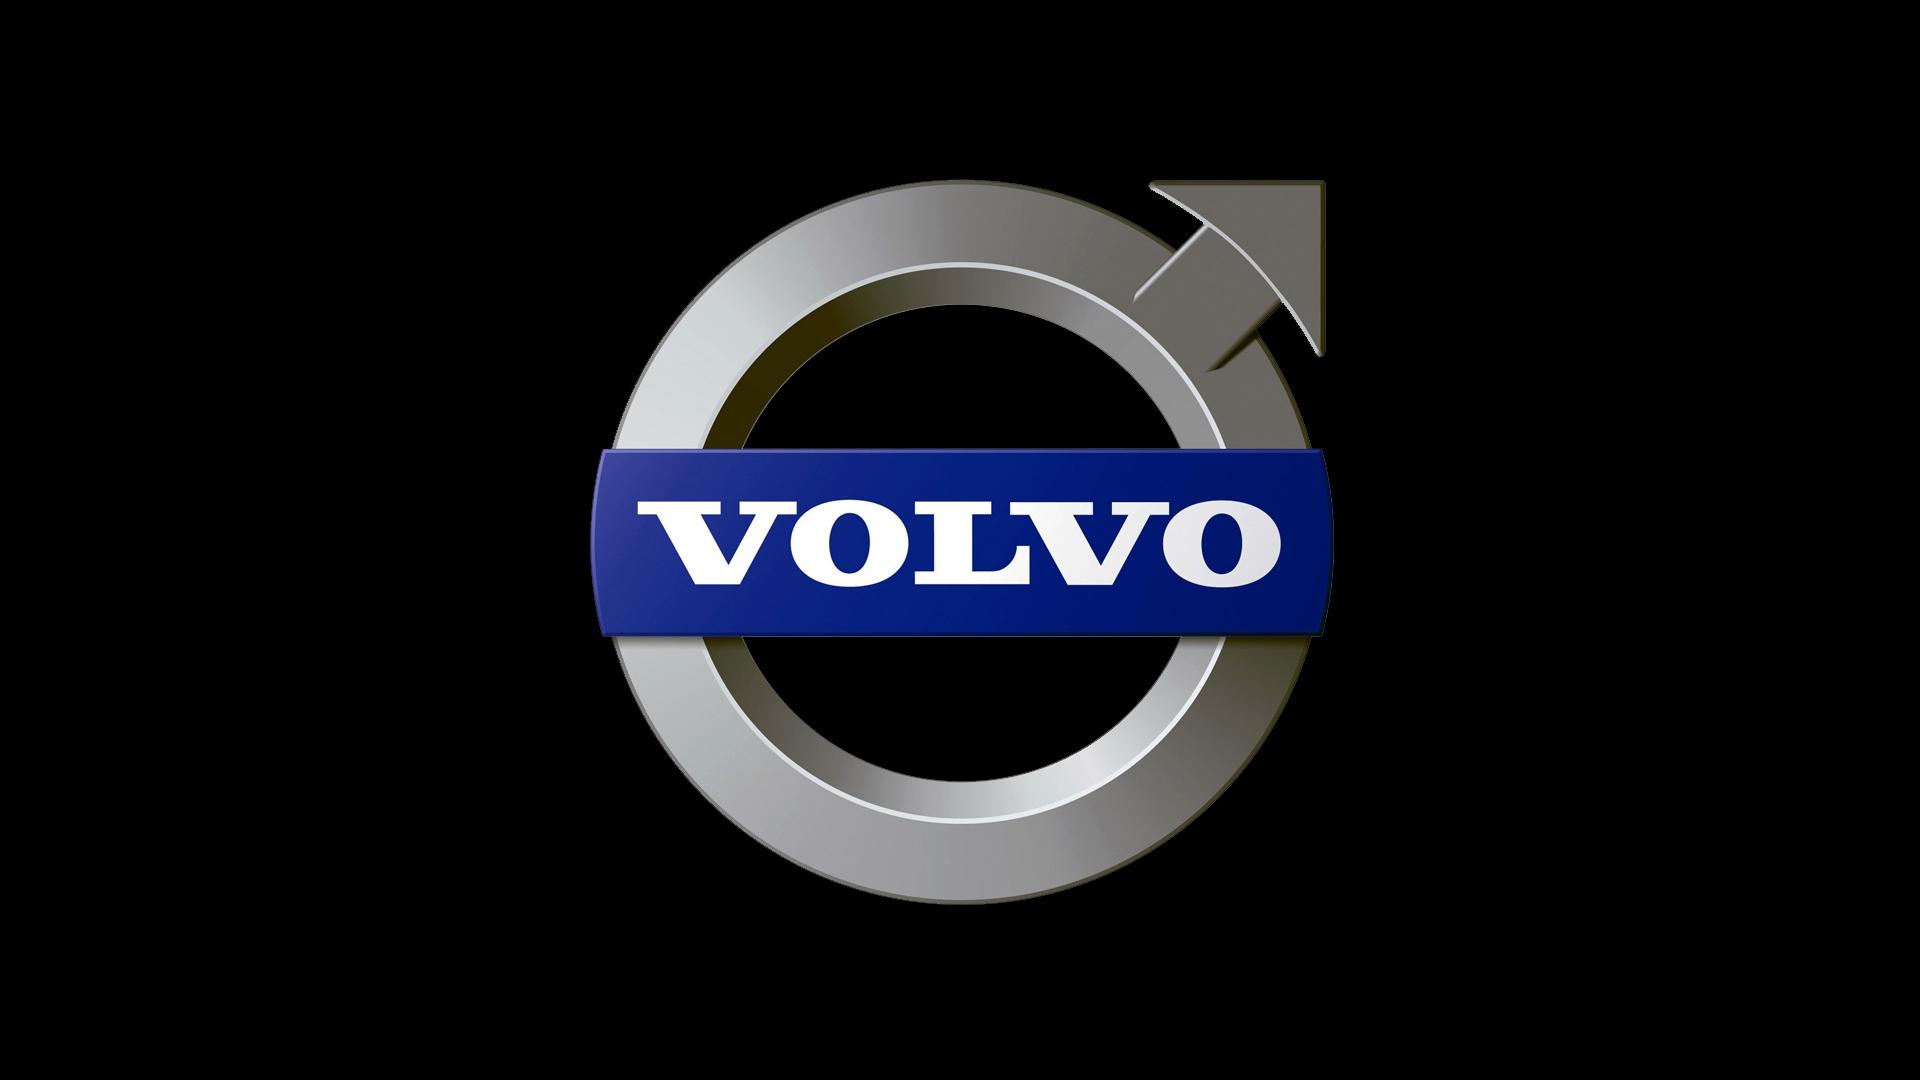 Летом Вольво смогла увеличить объем глобальных продаж на9,3%